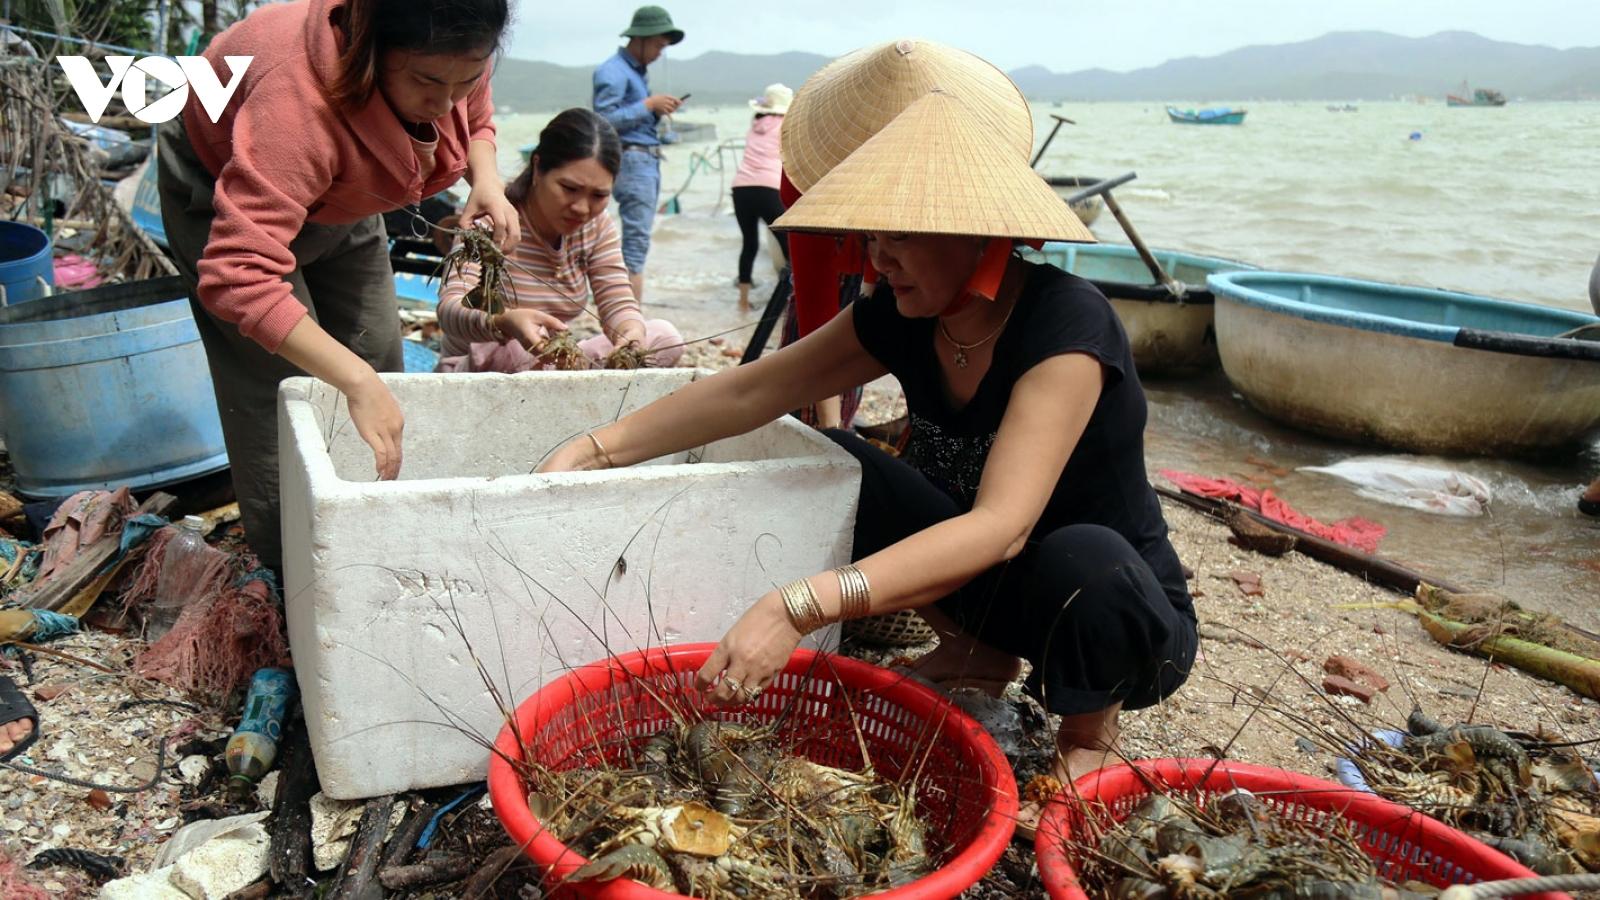 Tôm hùm chết hàng loạt ở Phú Yên, chính quyền nhận một phần trách nhiệm